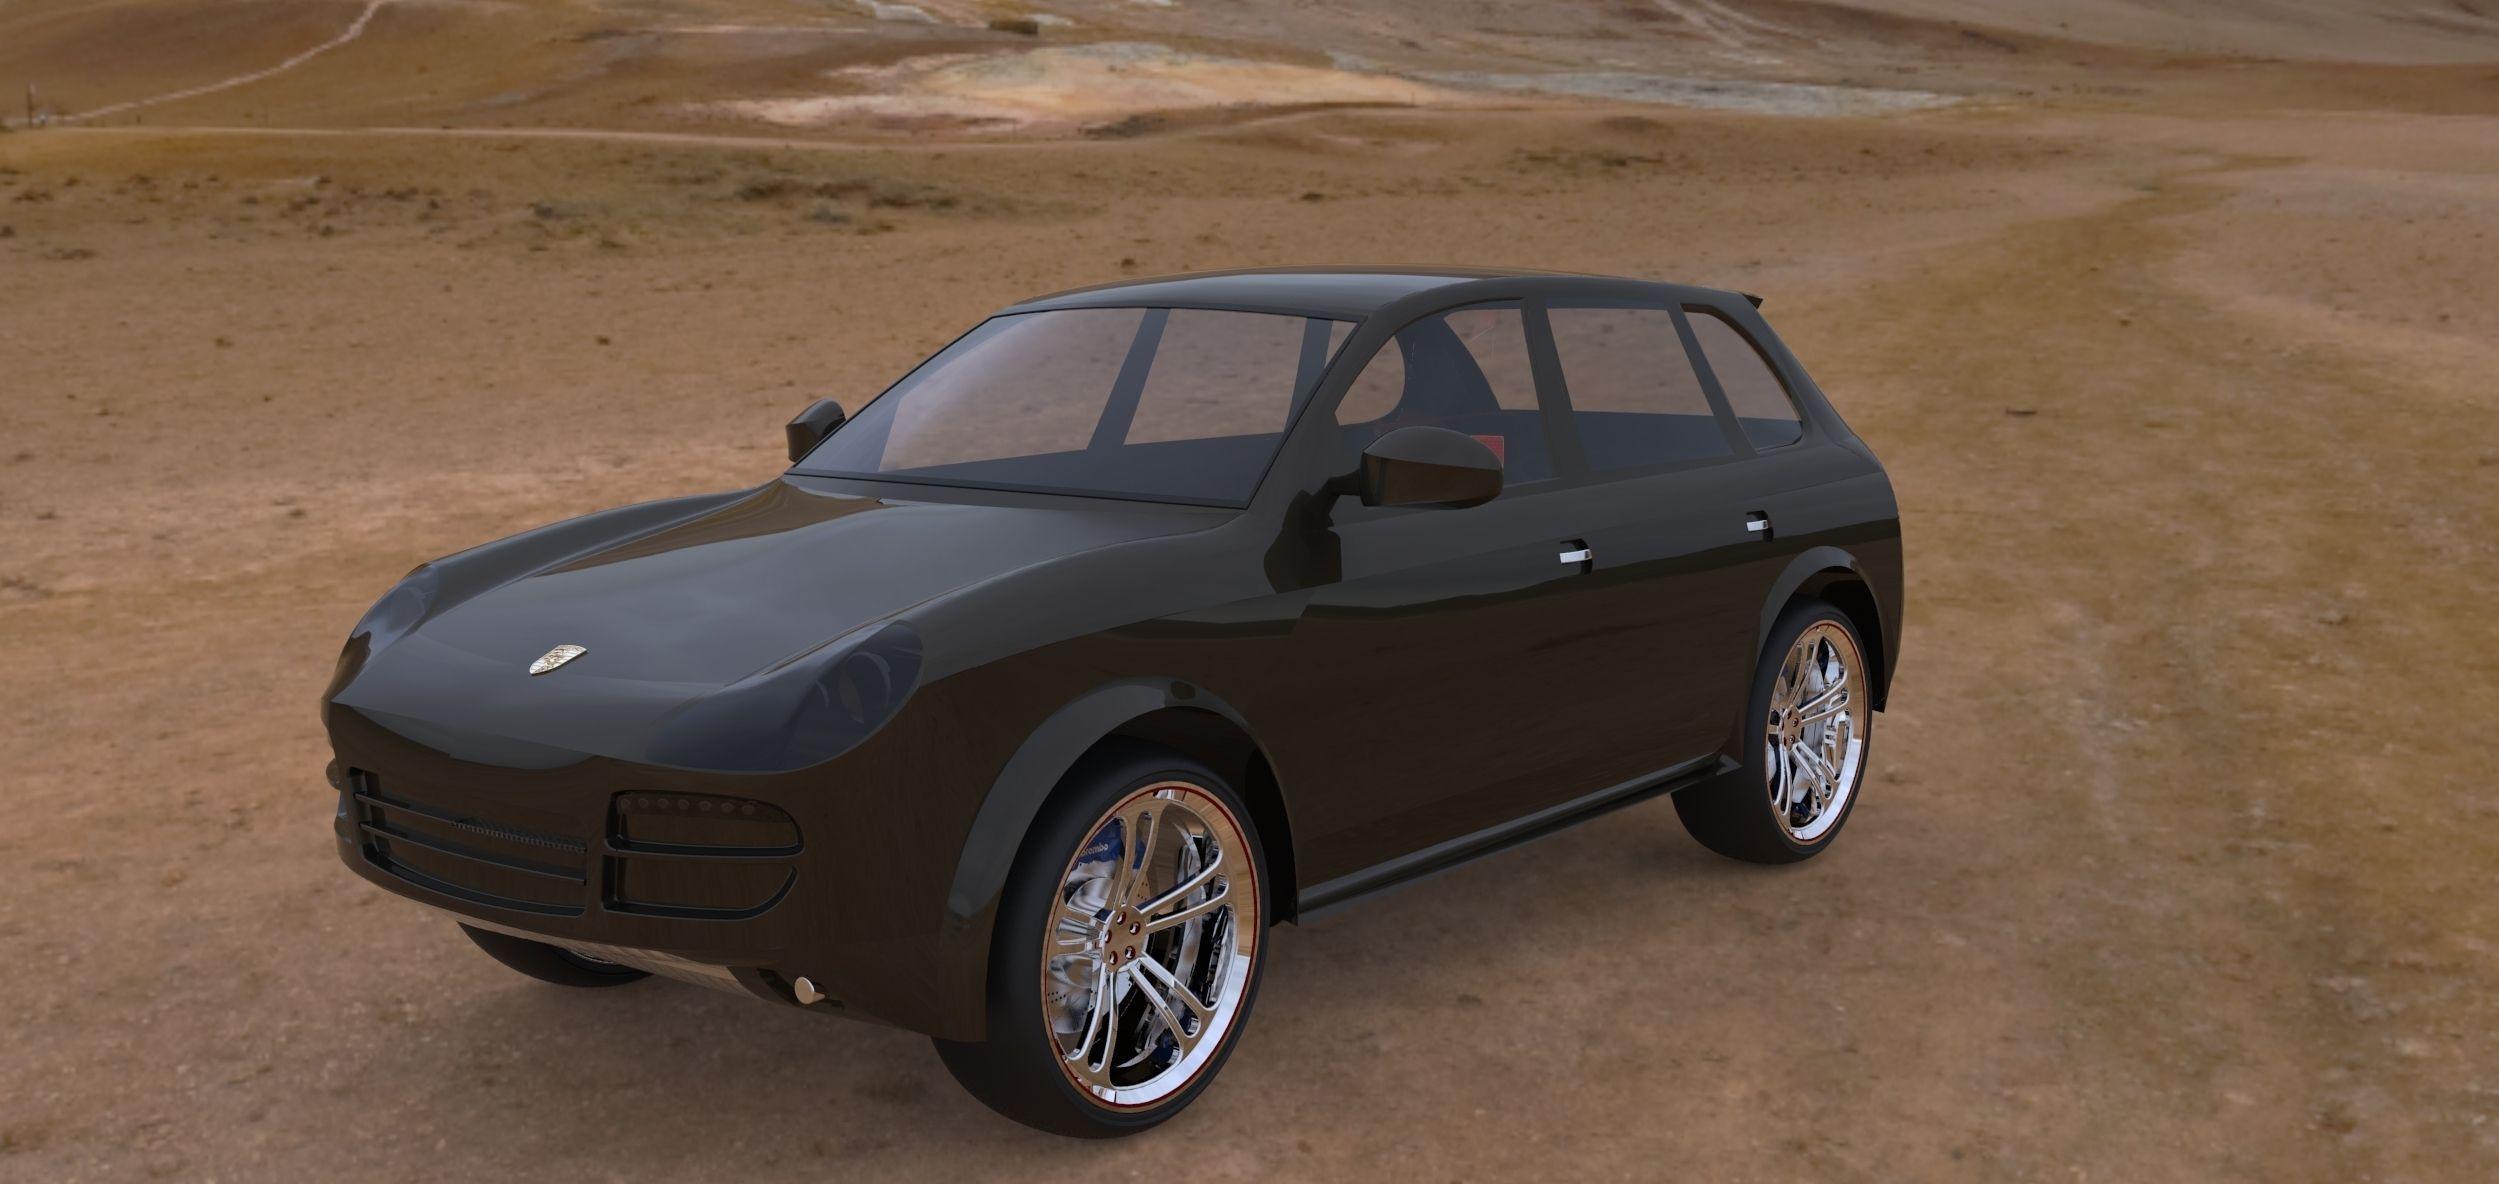 porsche cayenne 2008 3d model max obj 3ds fbx sldprt sldasm slddrw 3